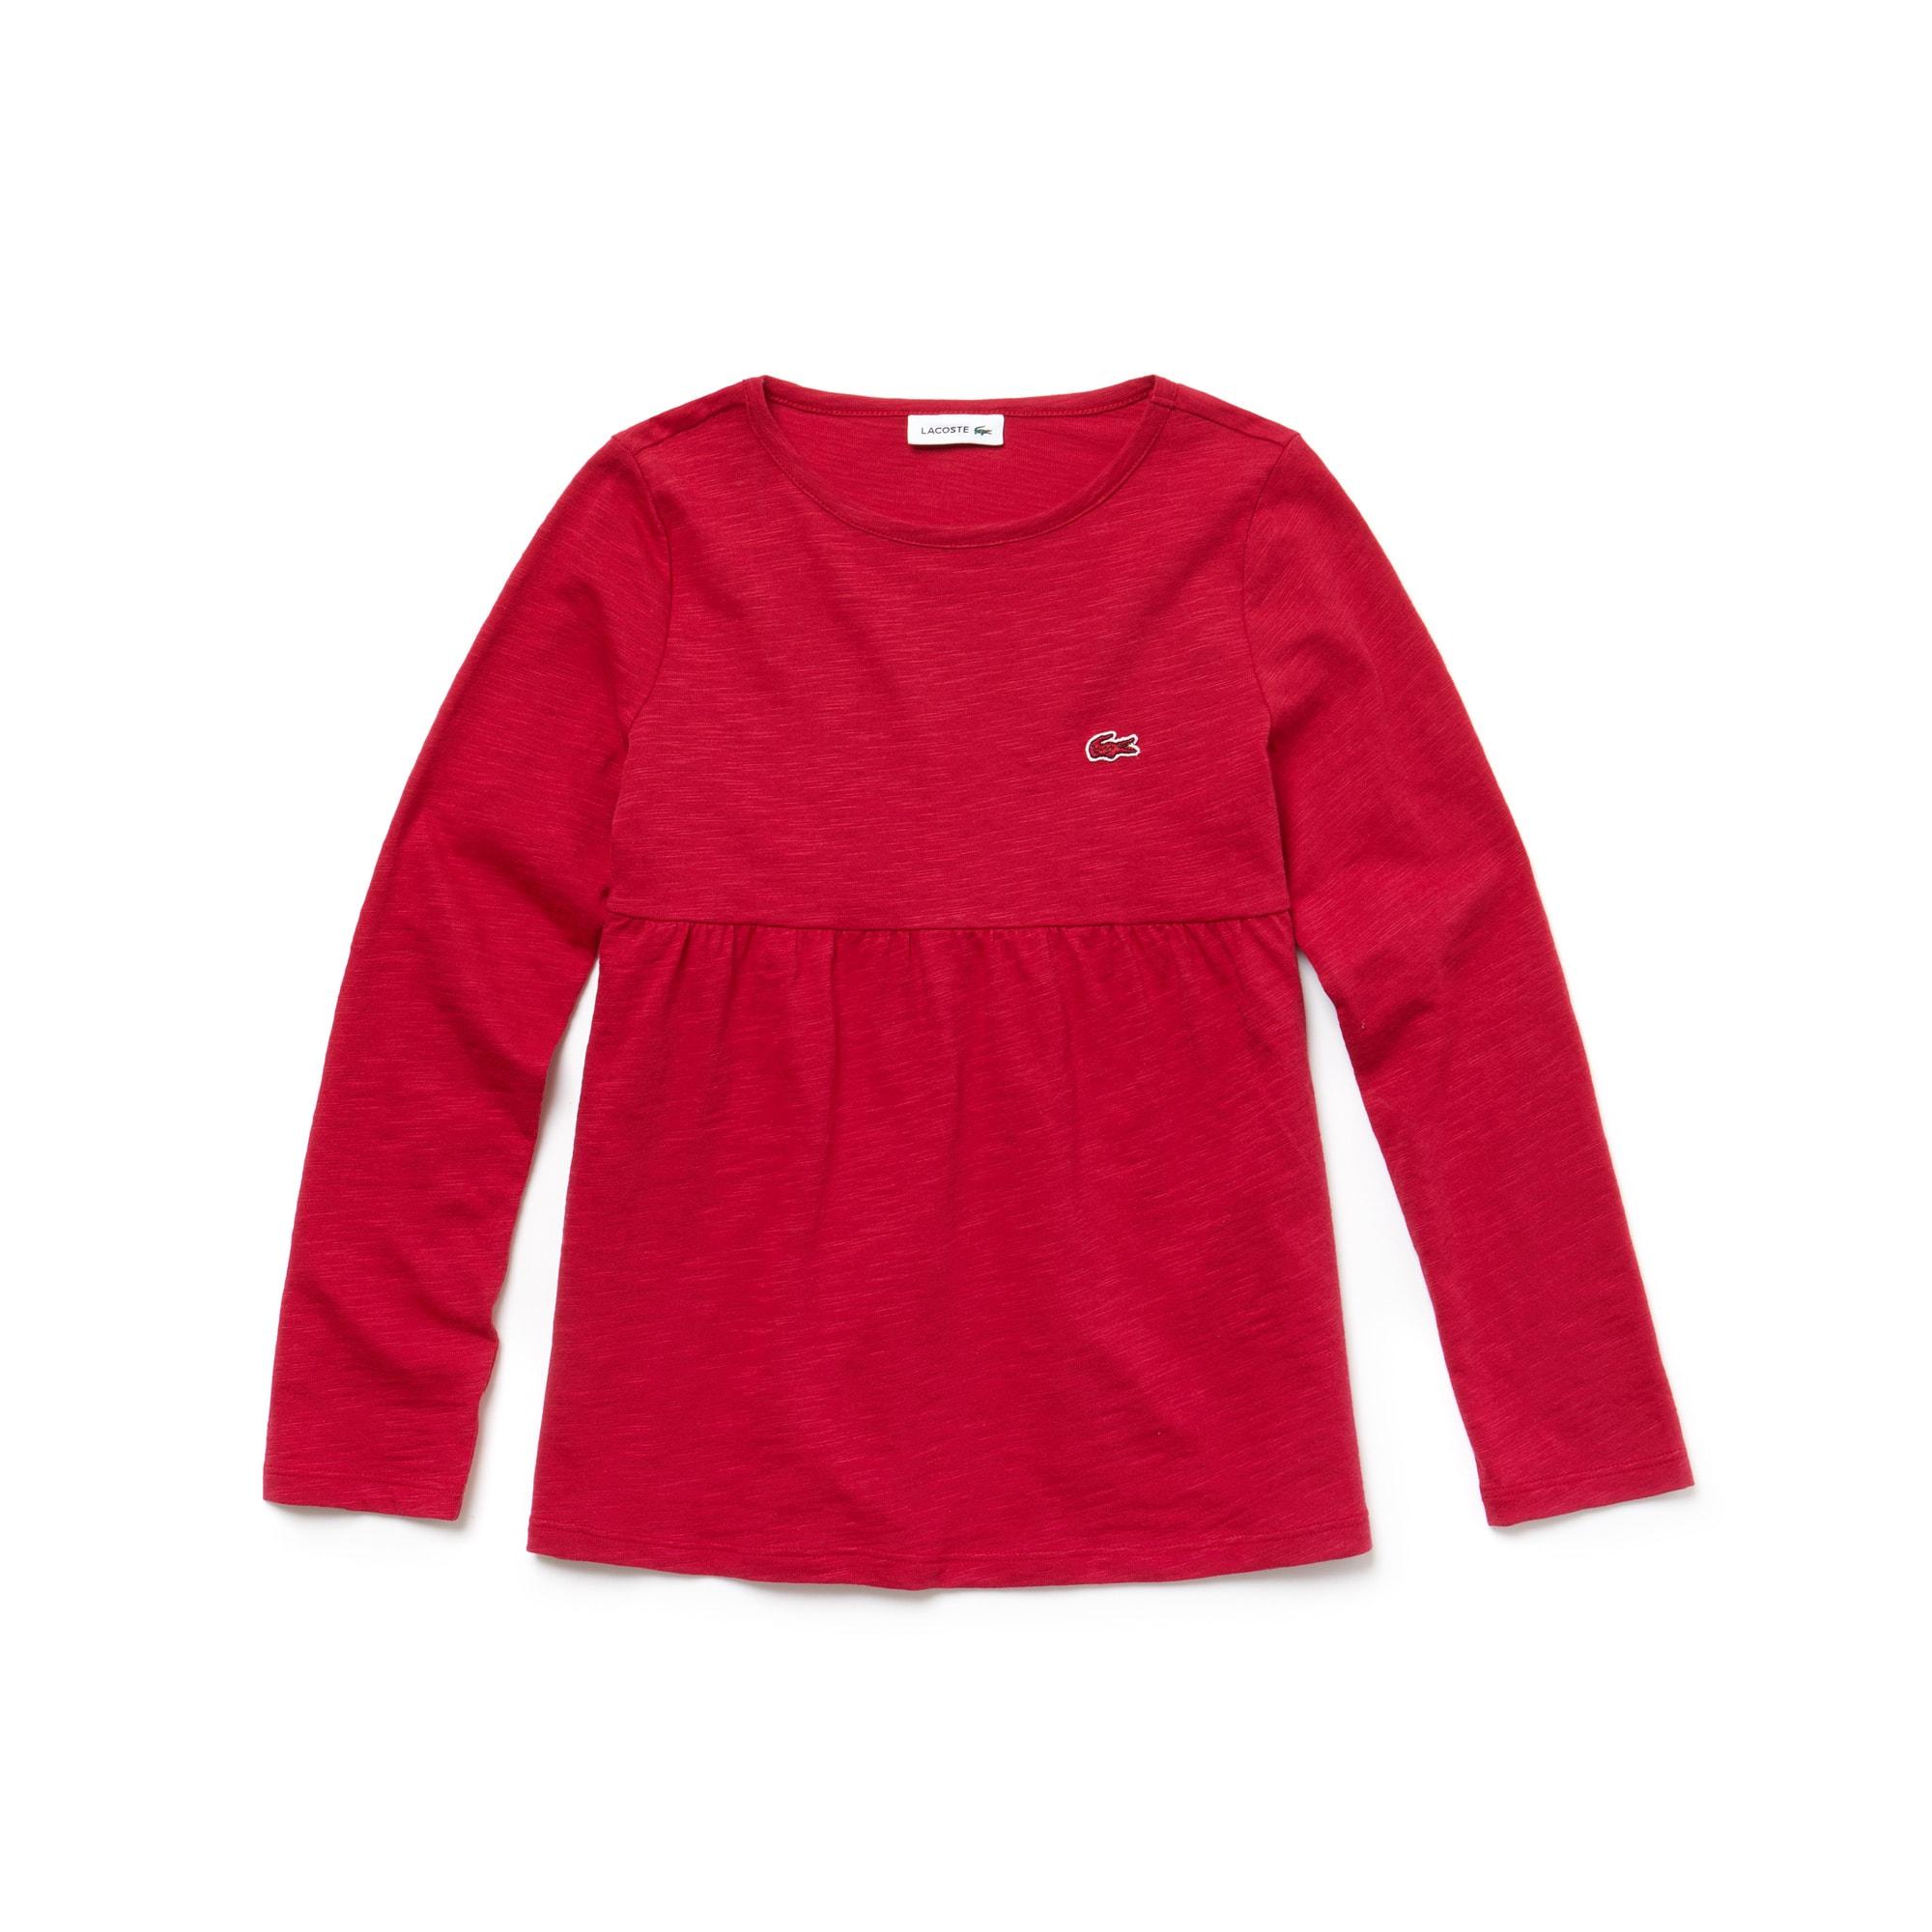 Camiseta De Niña En Tejido De Punto De Algodón Con Cuello Redondo